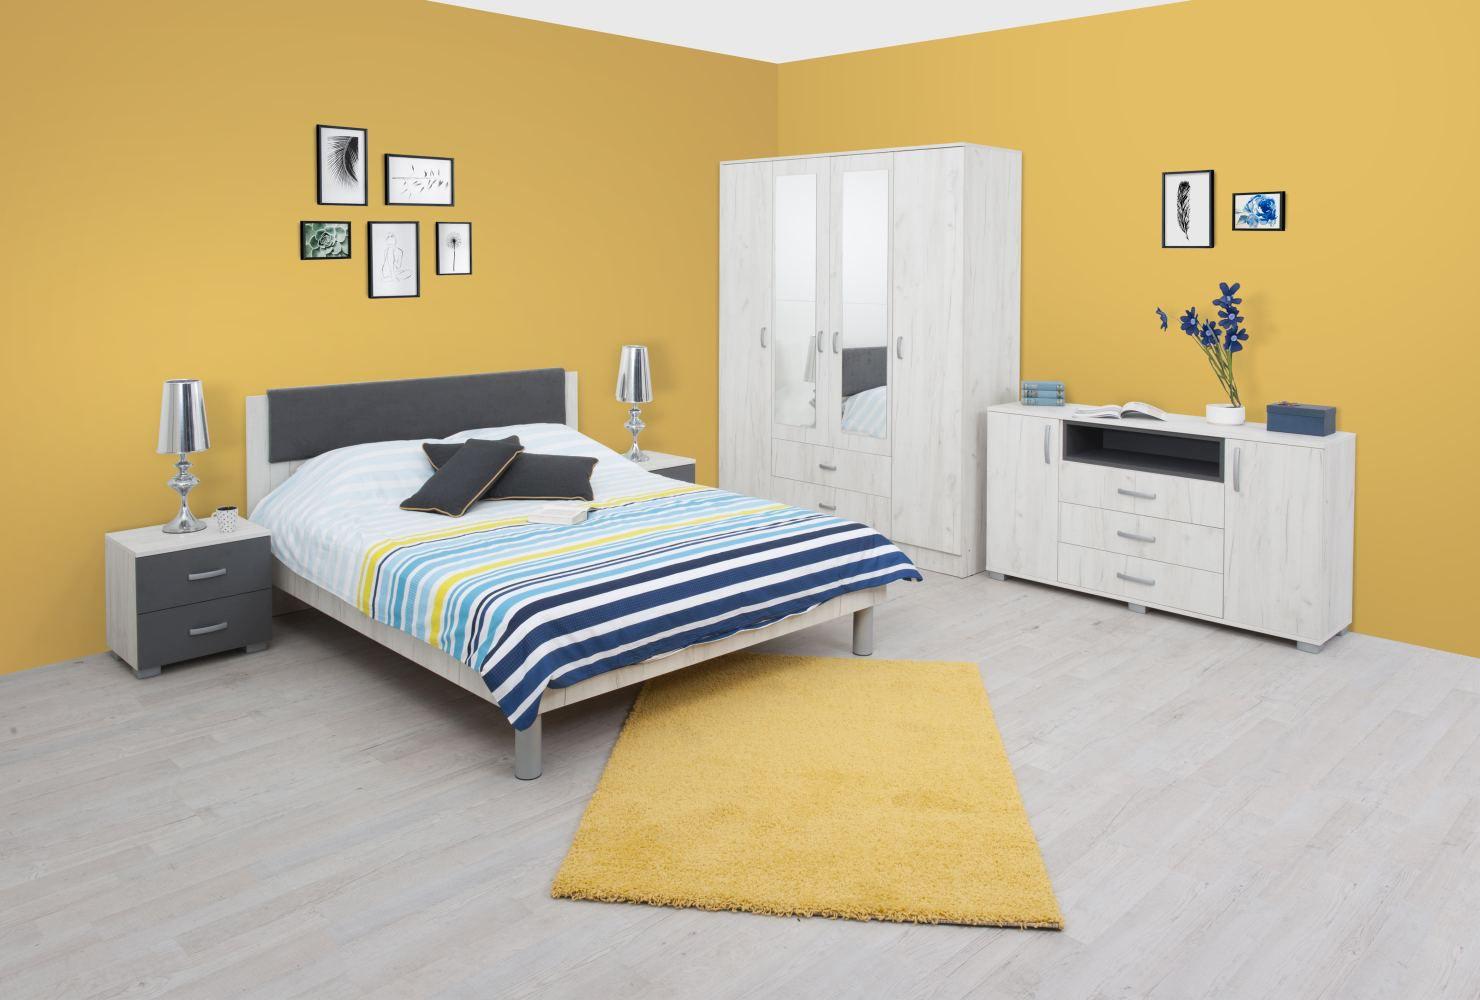 Schlafzimmer Komplett - Set K Bermeo, 6-teilig, Farbe: Eiche Weiß / Anthrazit